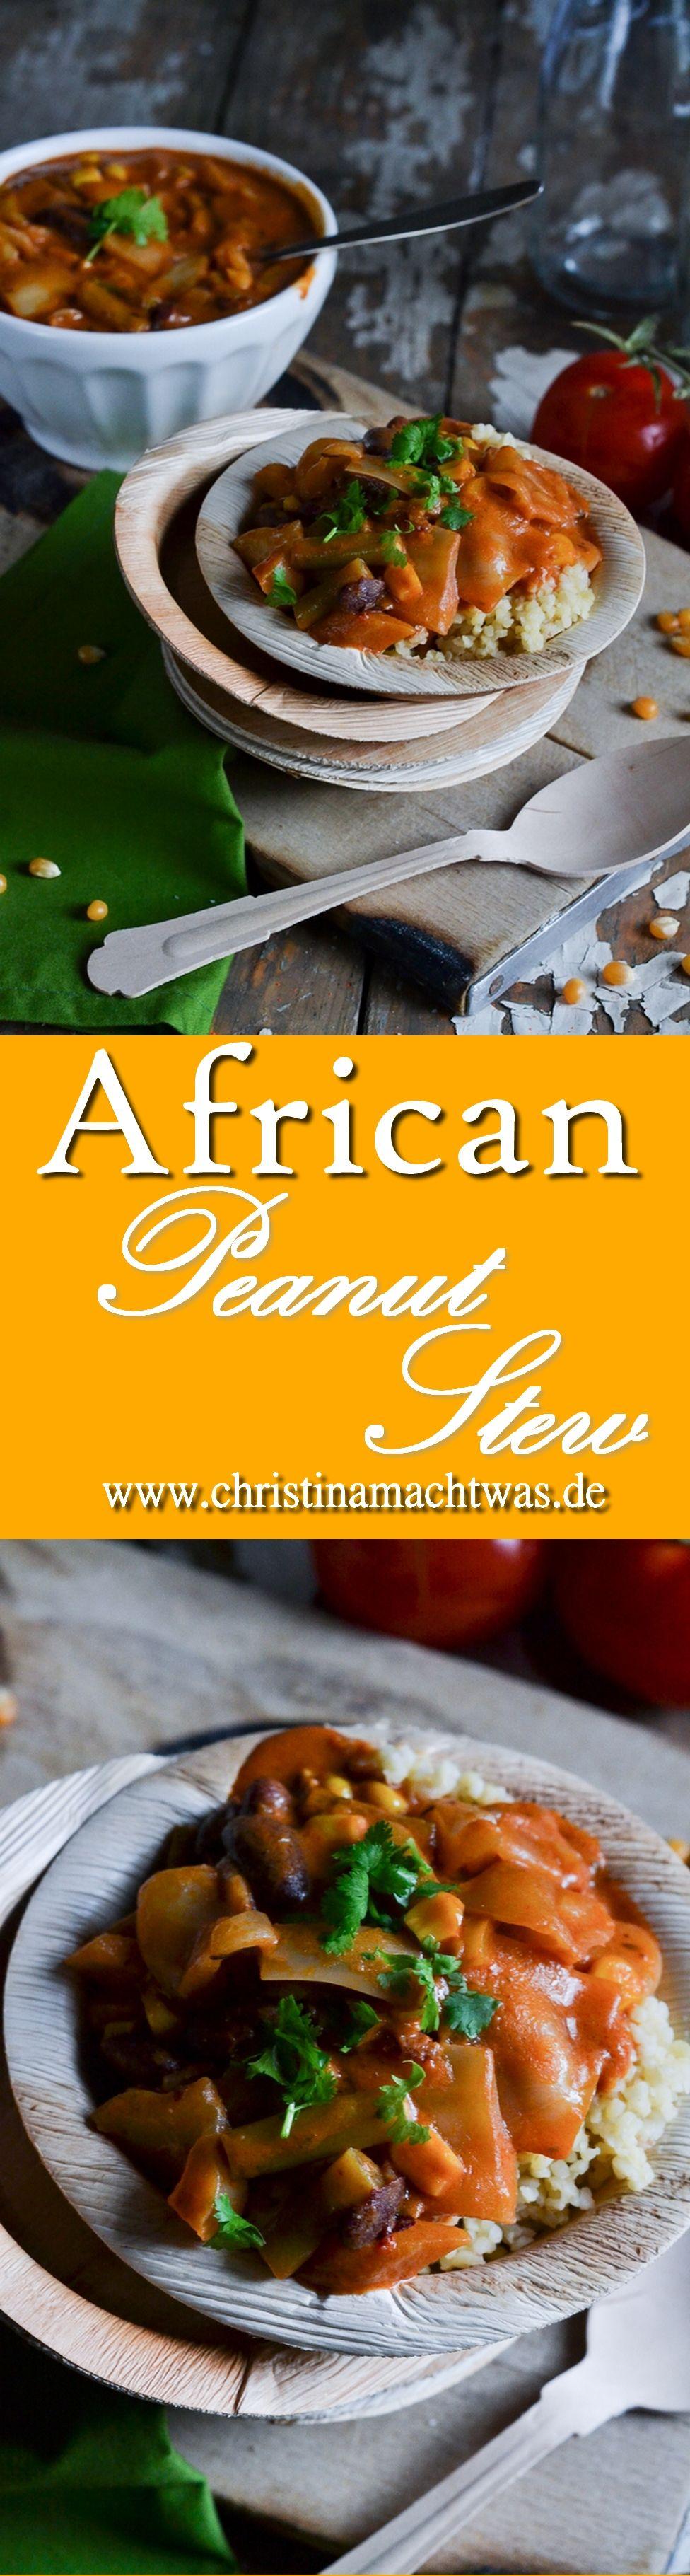 Ein leckerer Eintopf mit afrikanischem Einschlag - viel gesundes Gemüse, Erdnussbutter & Bulgur als Beilage. Vegan! ---  A vegan african-inspired Stew with lots of yummy Veggies and Peanut flavor.